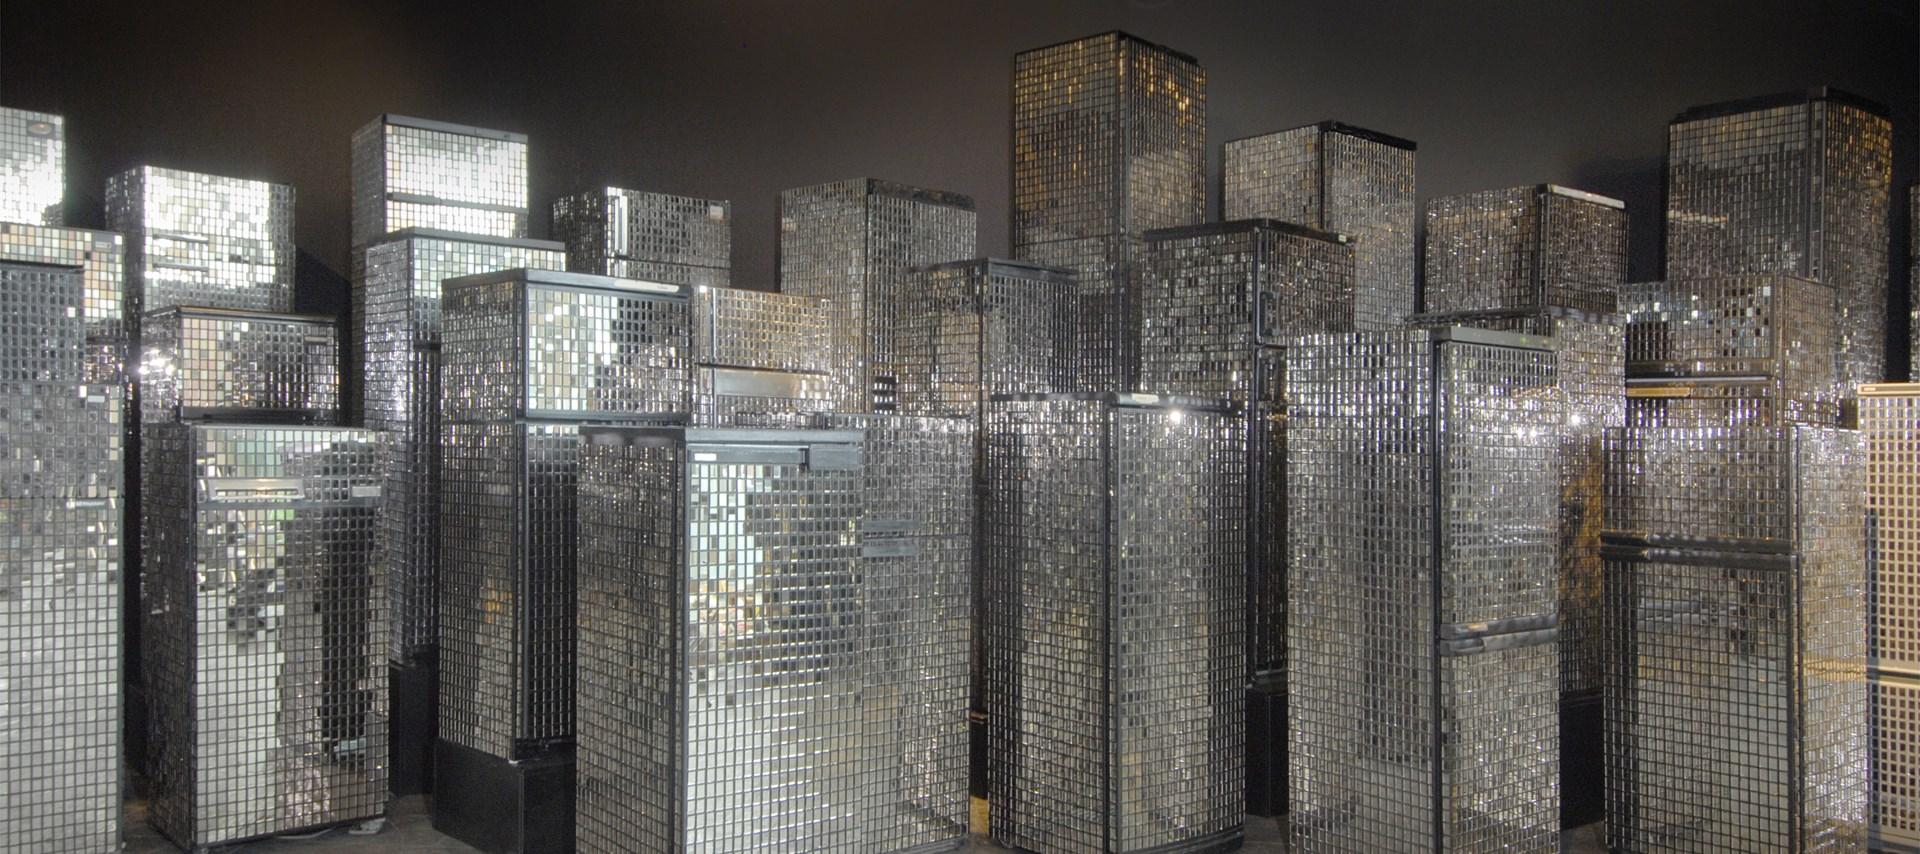 Kader Attia: Square Dreams: Exhibition image by Colin Davison